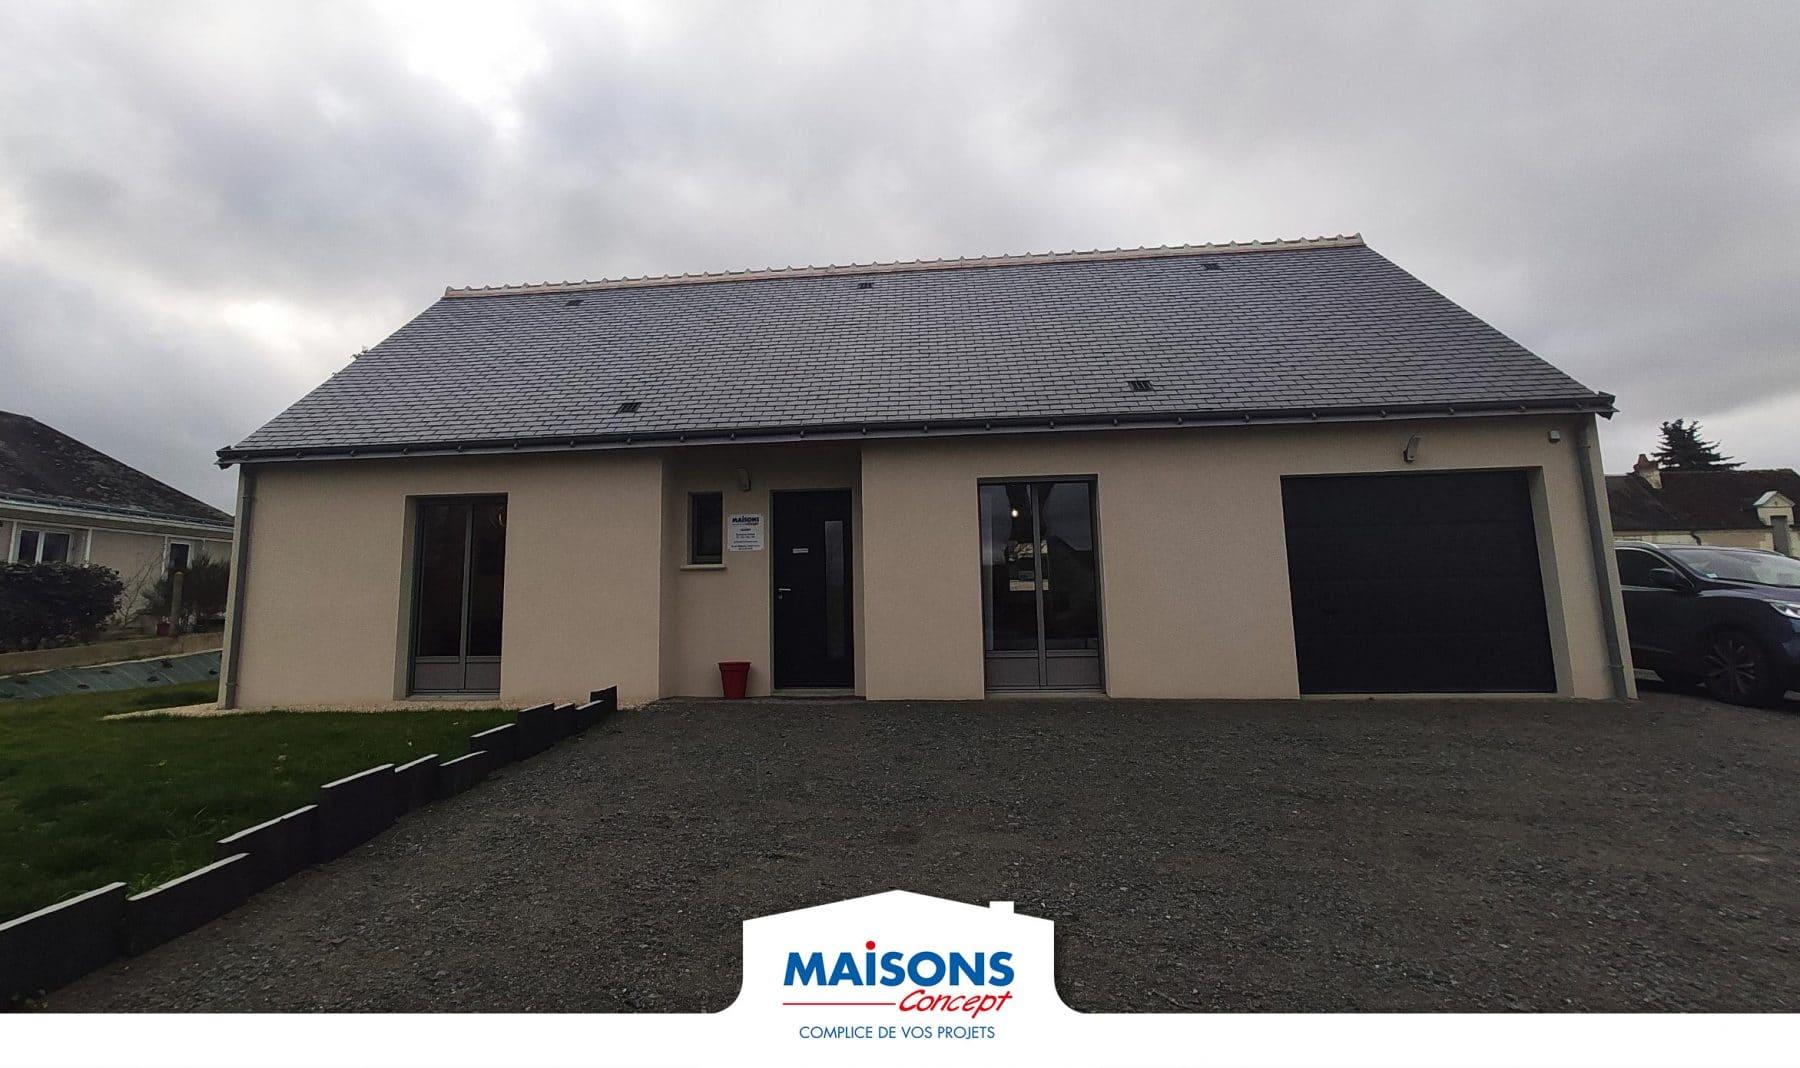 Maison traditionnelle avec un toit ardoise qui est l'agence Maisons Concept de Perrusson